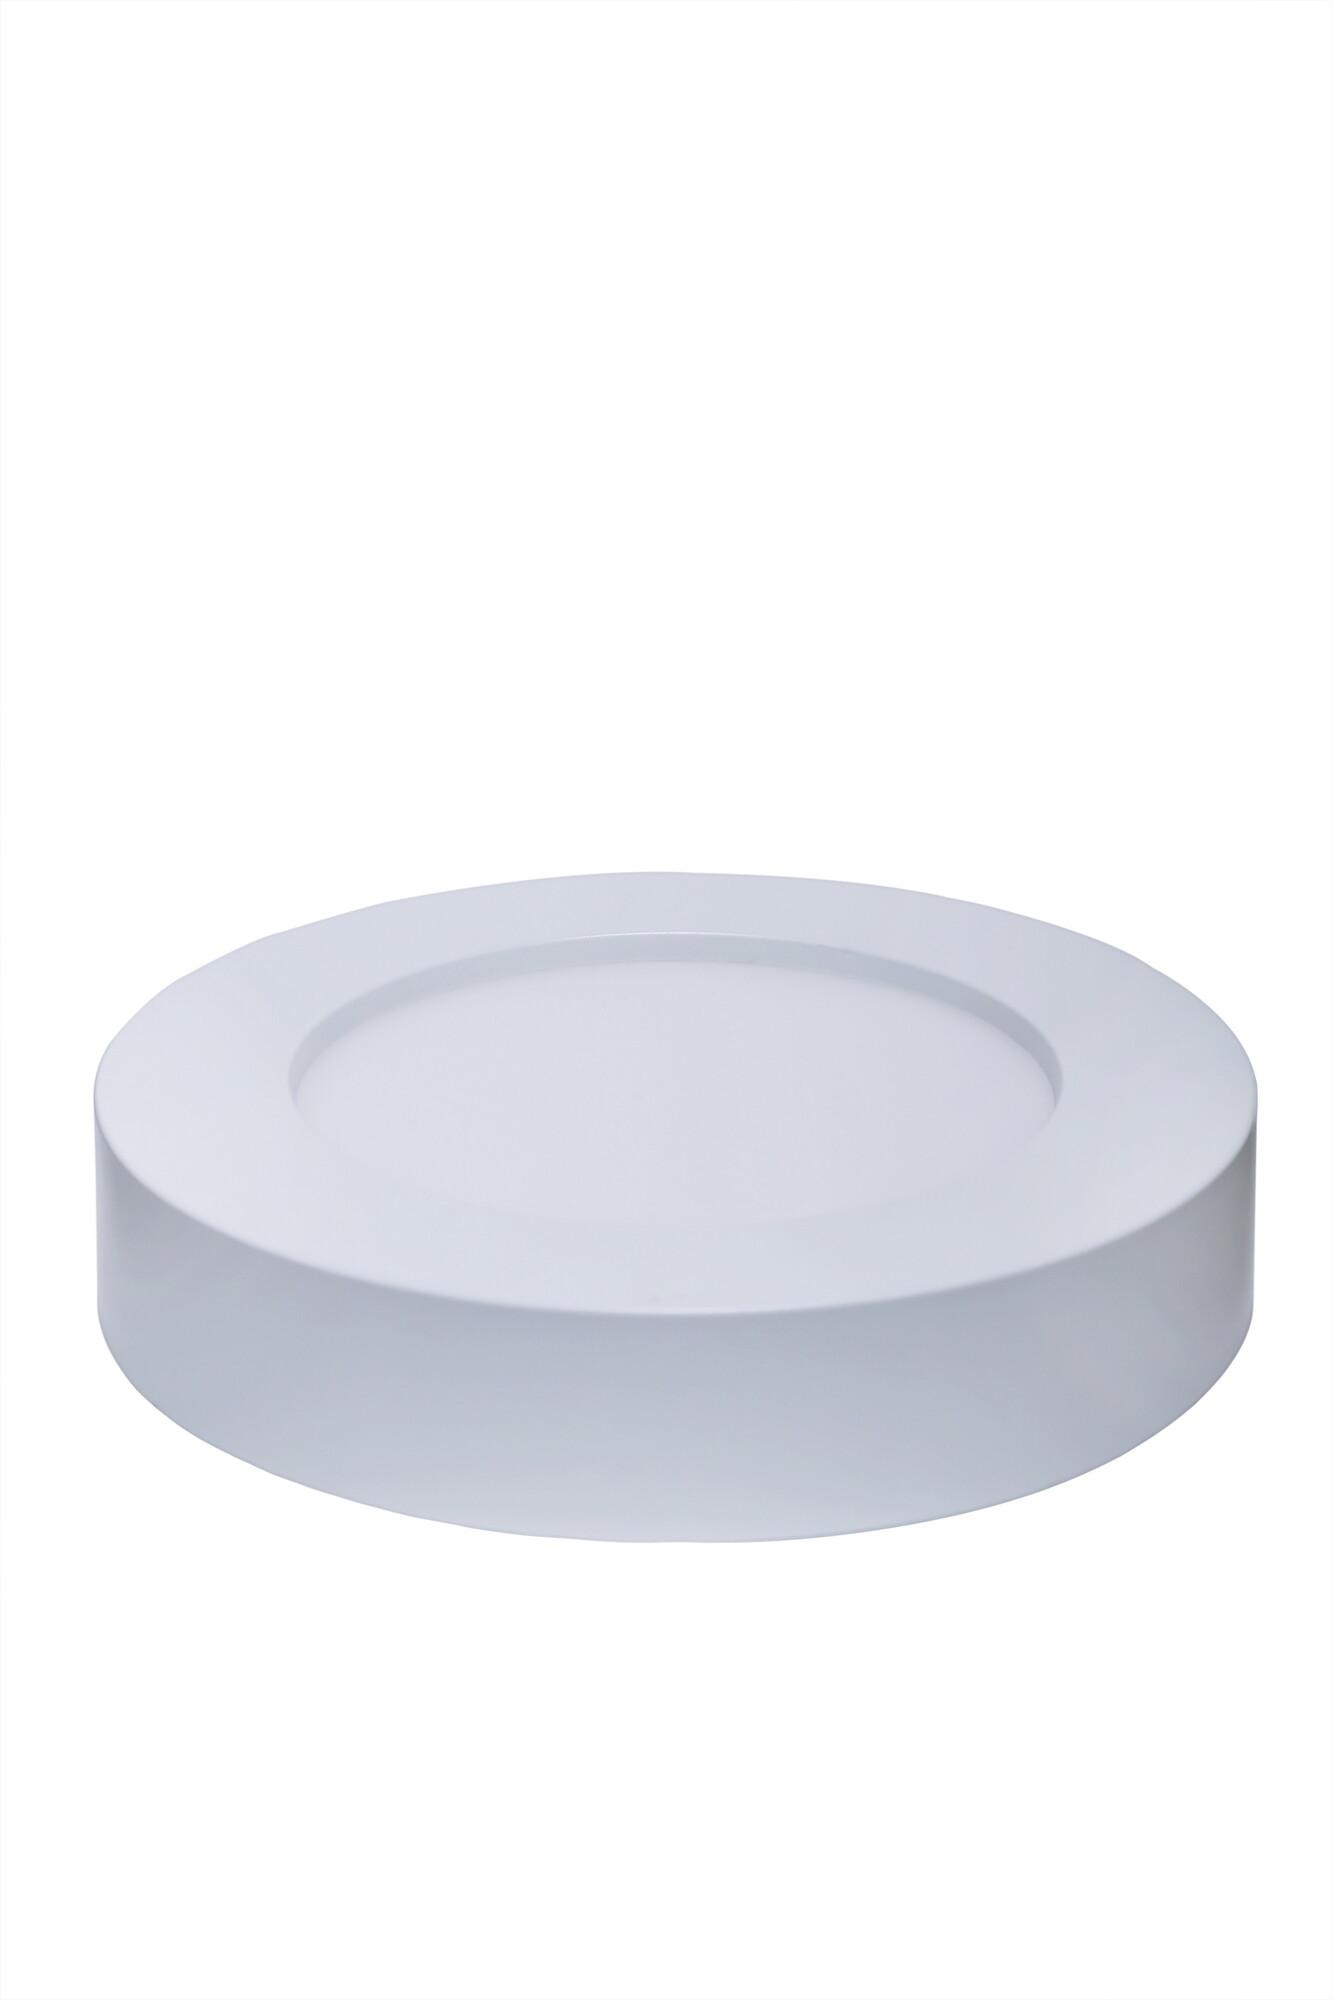 WUNDER Plafondlamp LED 1x20W/1500lm Wit